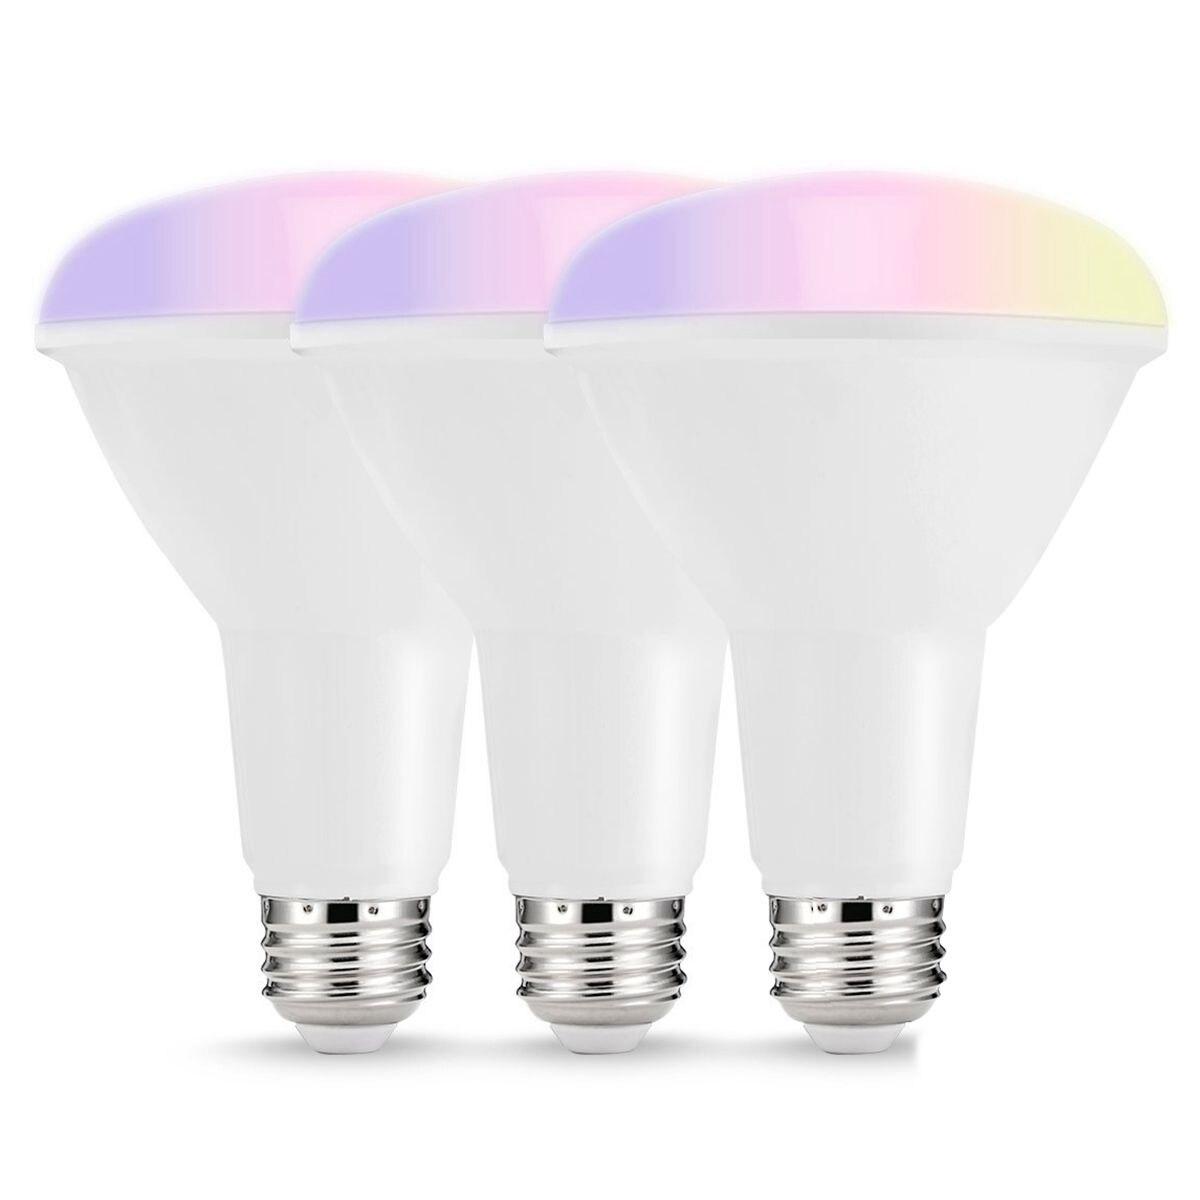 NOUVEAU Intelligent ampoule led, Multicolore wifi led Lumières, BR30 Dimmable lumière encastrée Ampoules, 75 W-80 W Équivalent projecteur, Compat